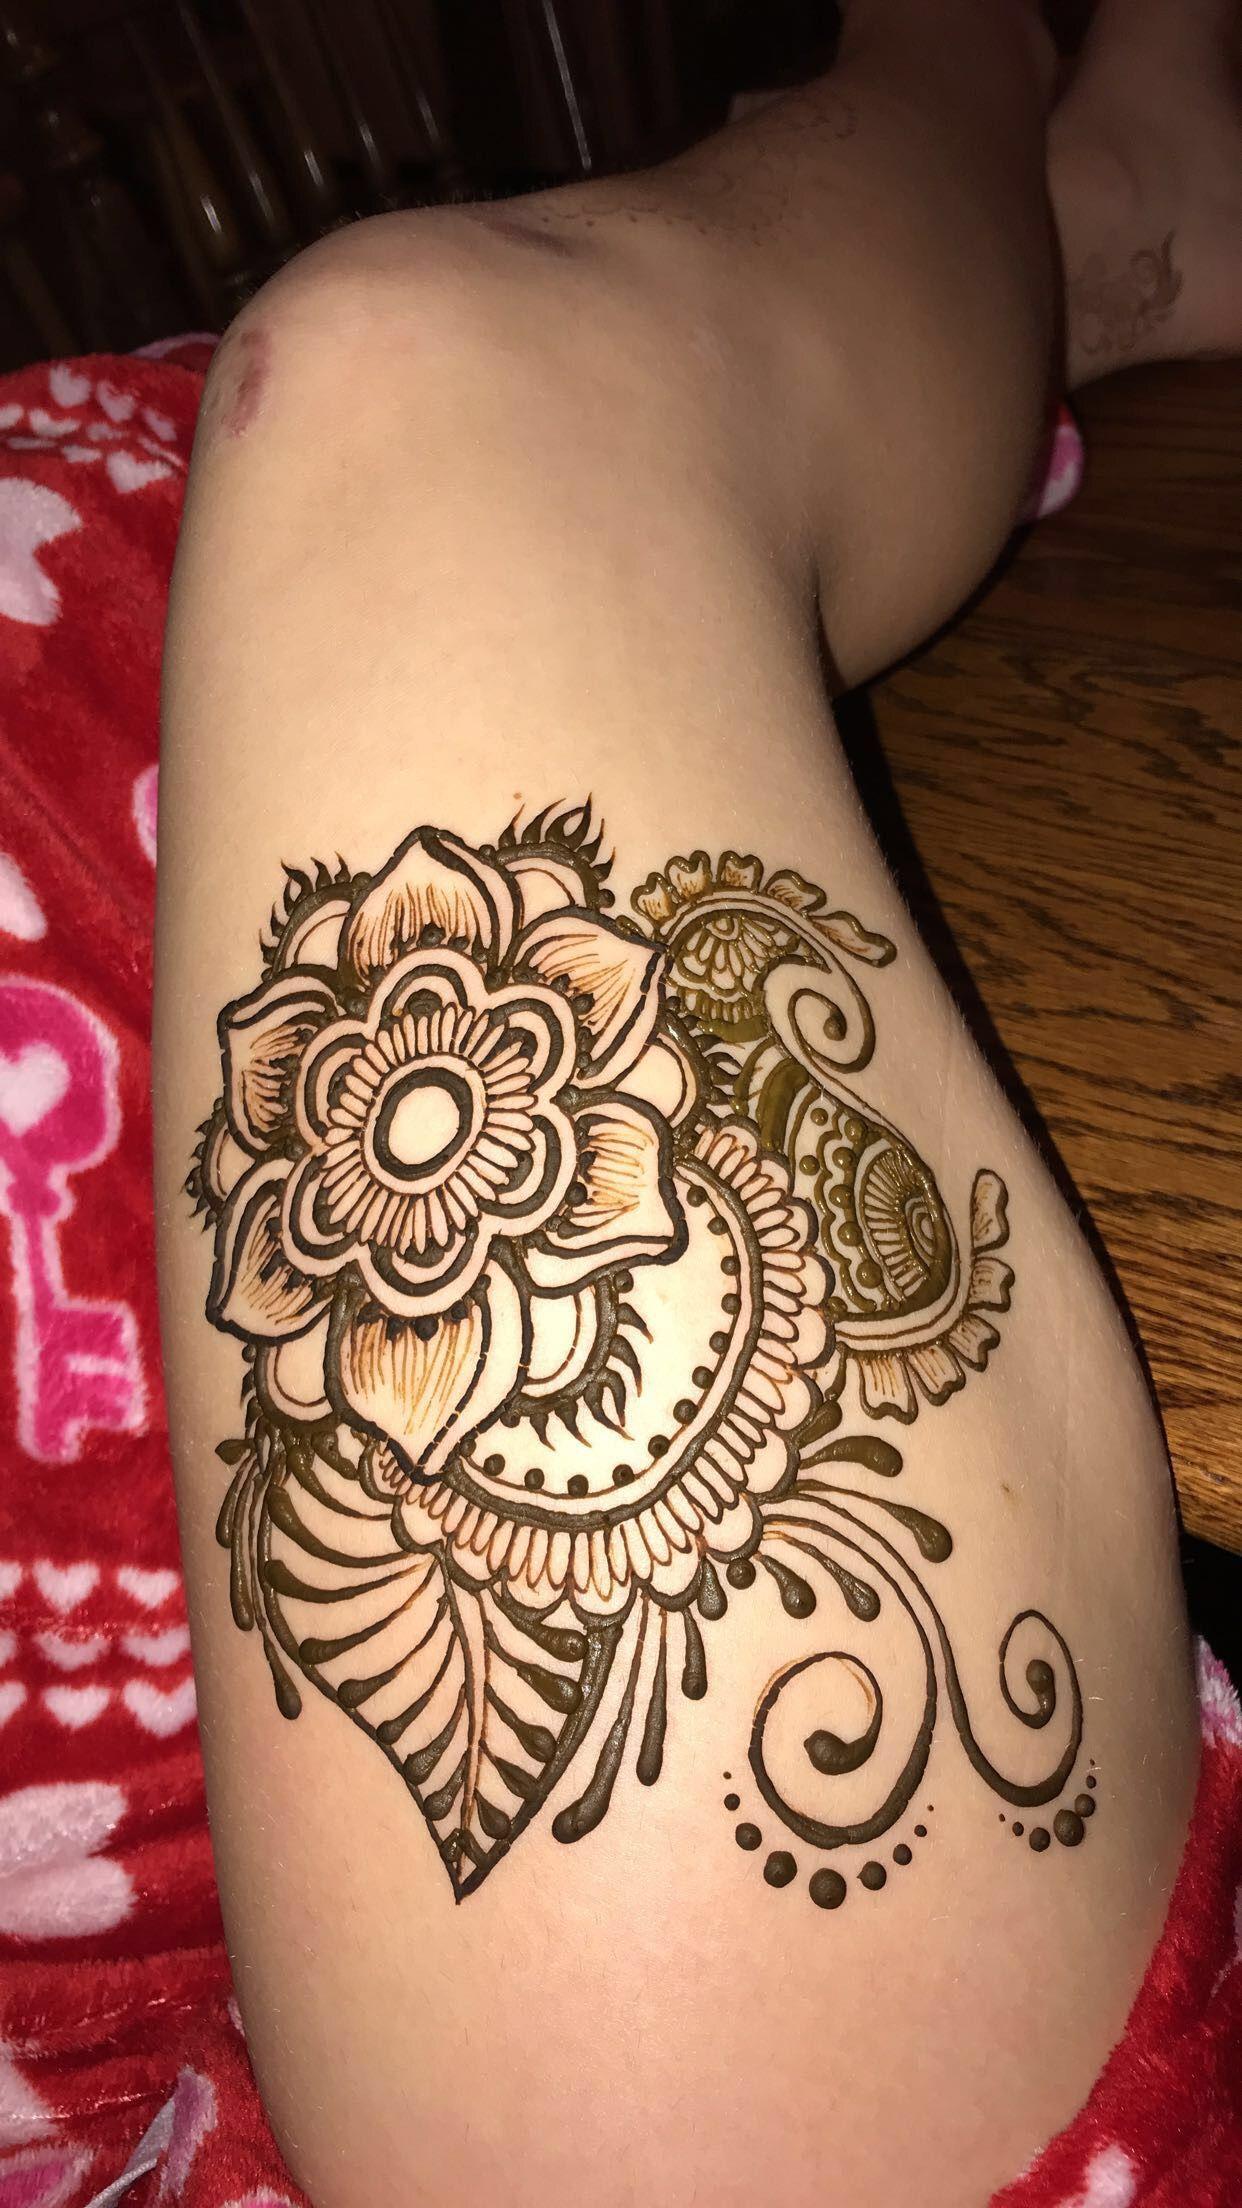 Henna Leg Henna Designs Henna Tattoo Designs Thigh Henna